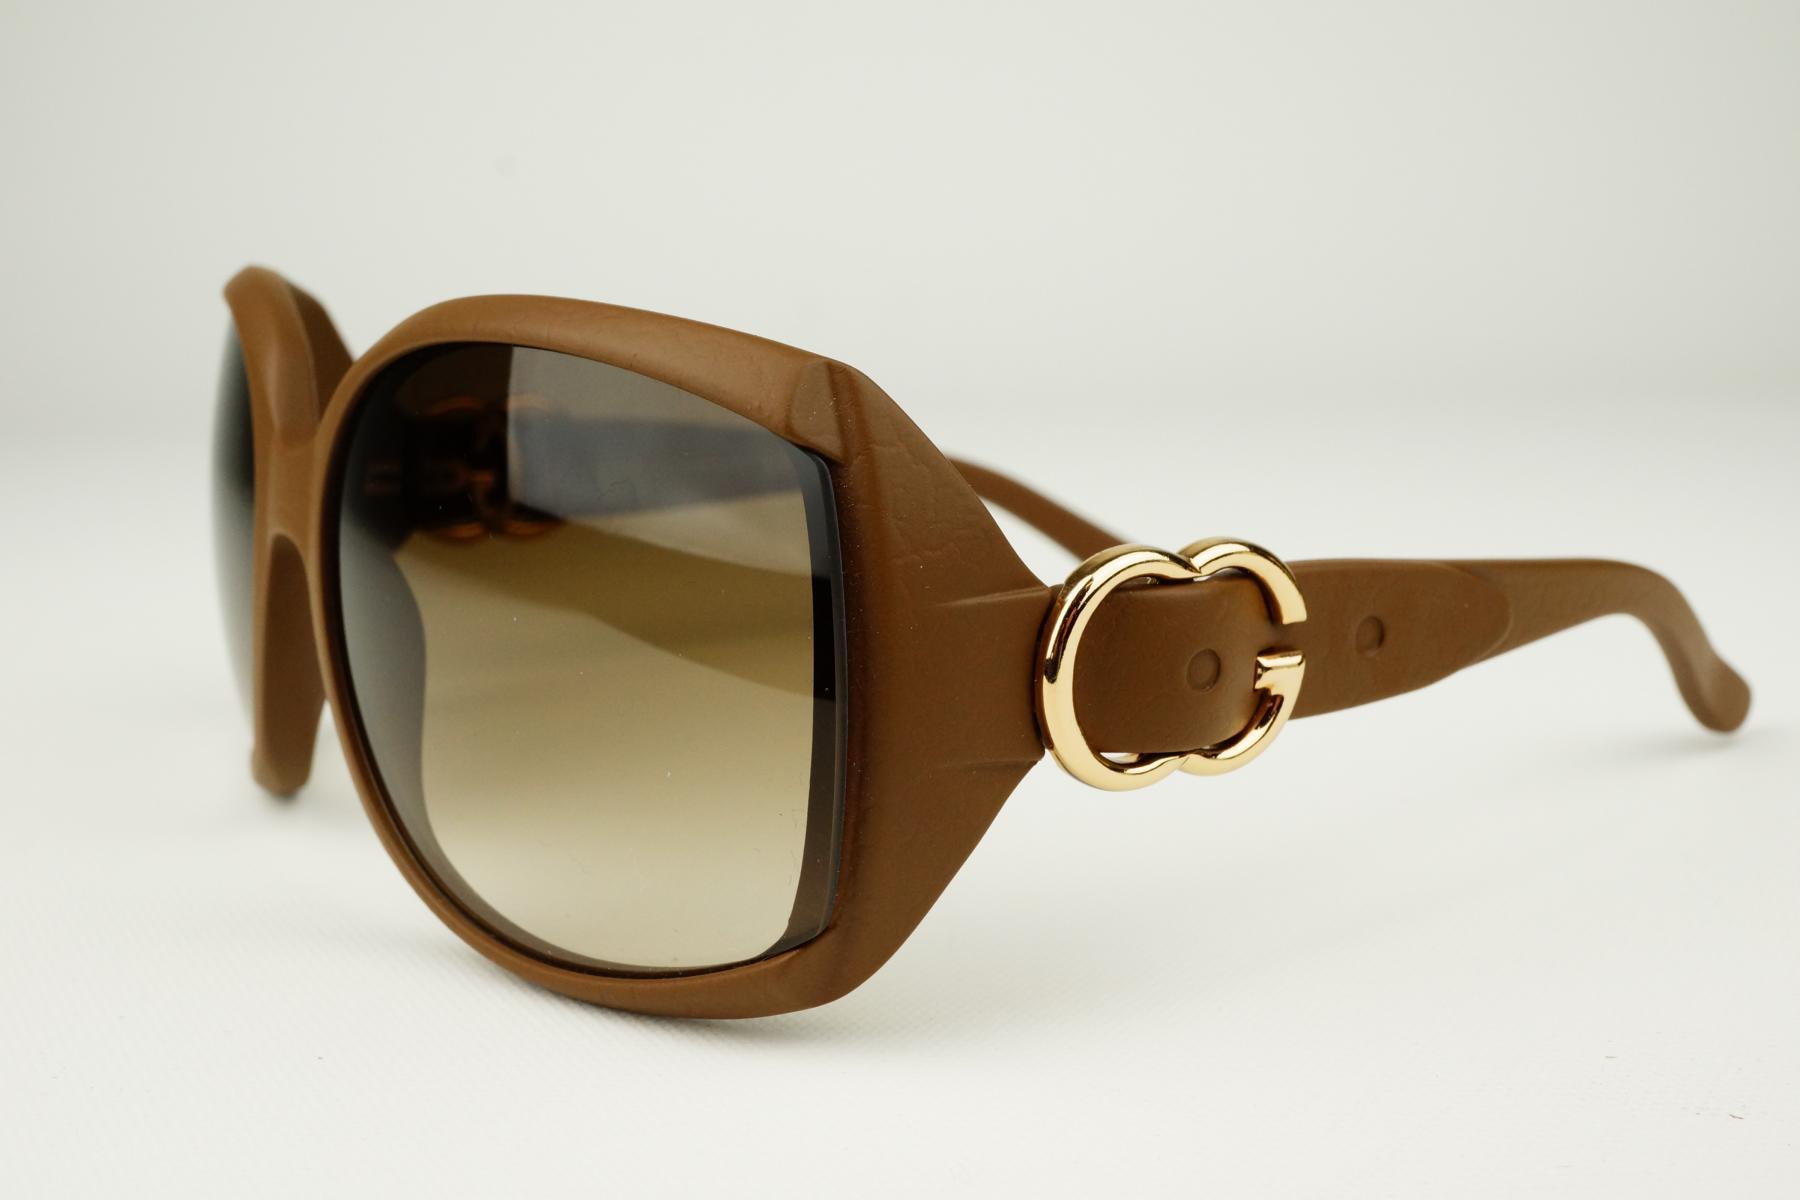 gucci damen sonnenbrille damen luxus braun gold schnalle edel selten ebay. Black Bedroom Furniture Sets. Home Design Ideas